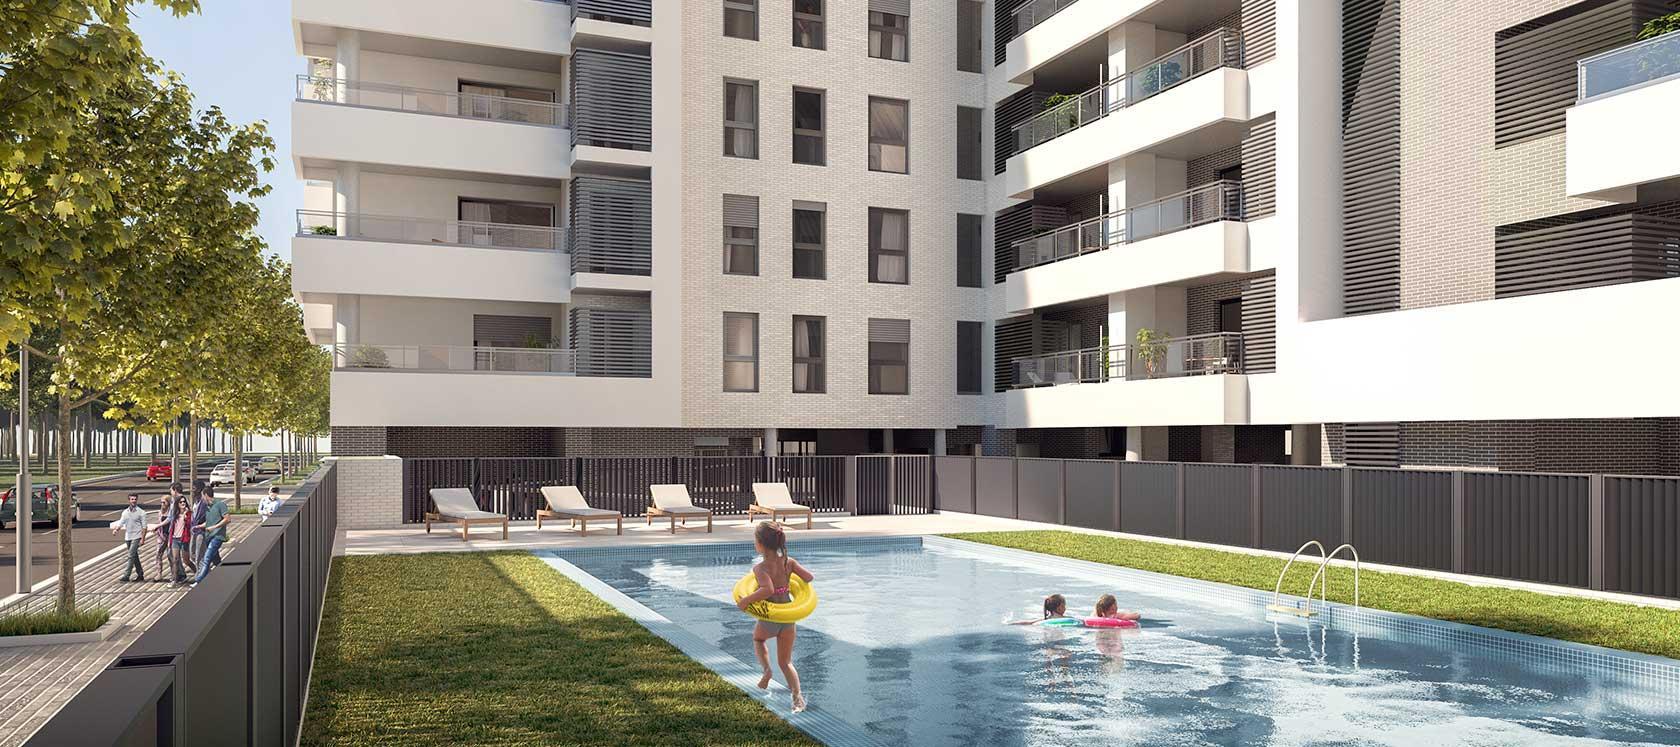 Obra nueva Alicante - Aldara | Célere Aldara piscina